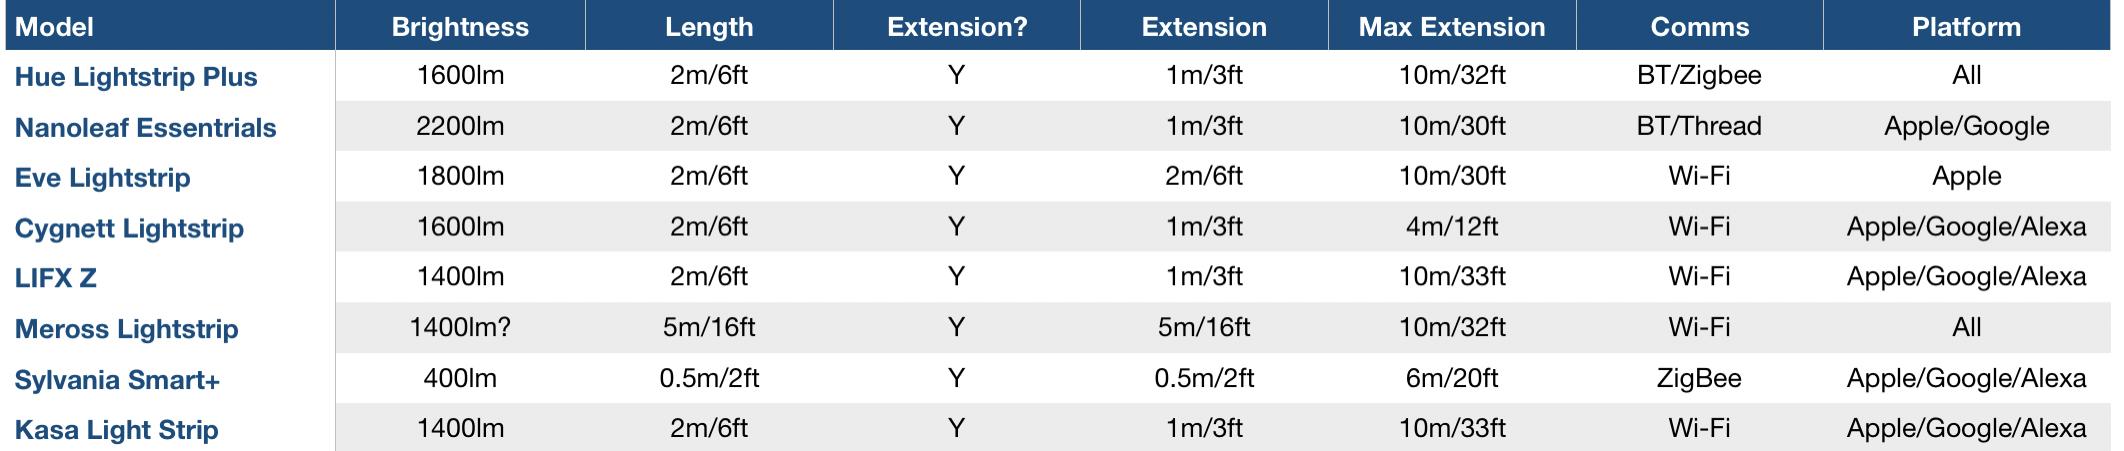 Smart LED strip comparison table